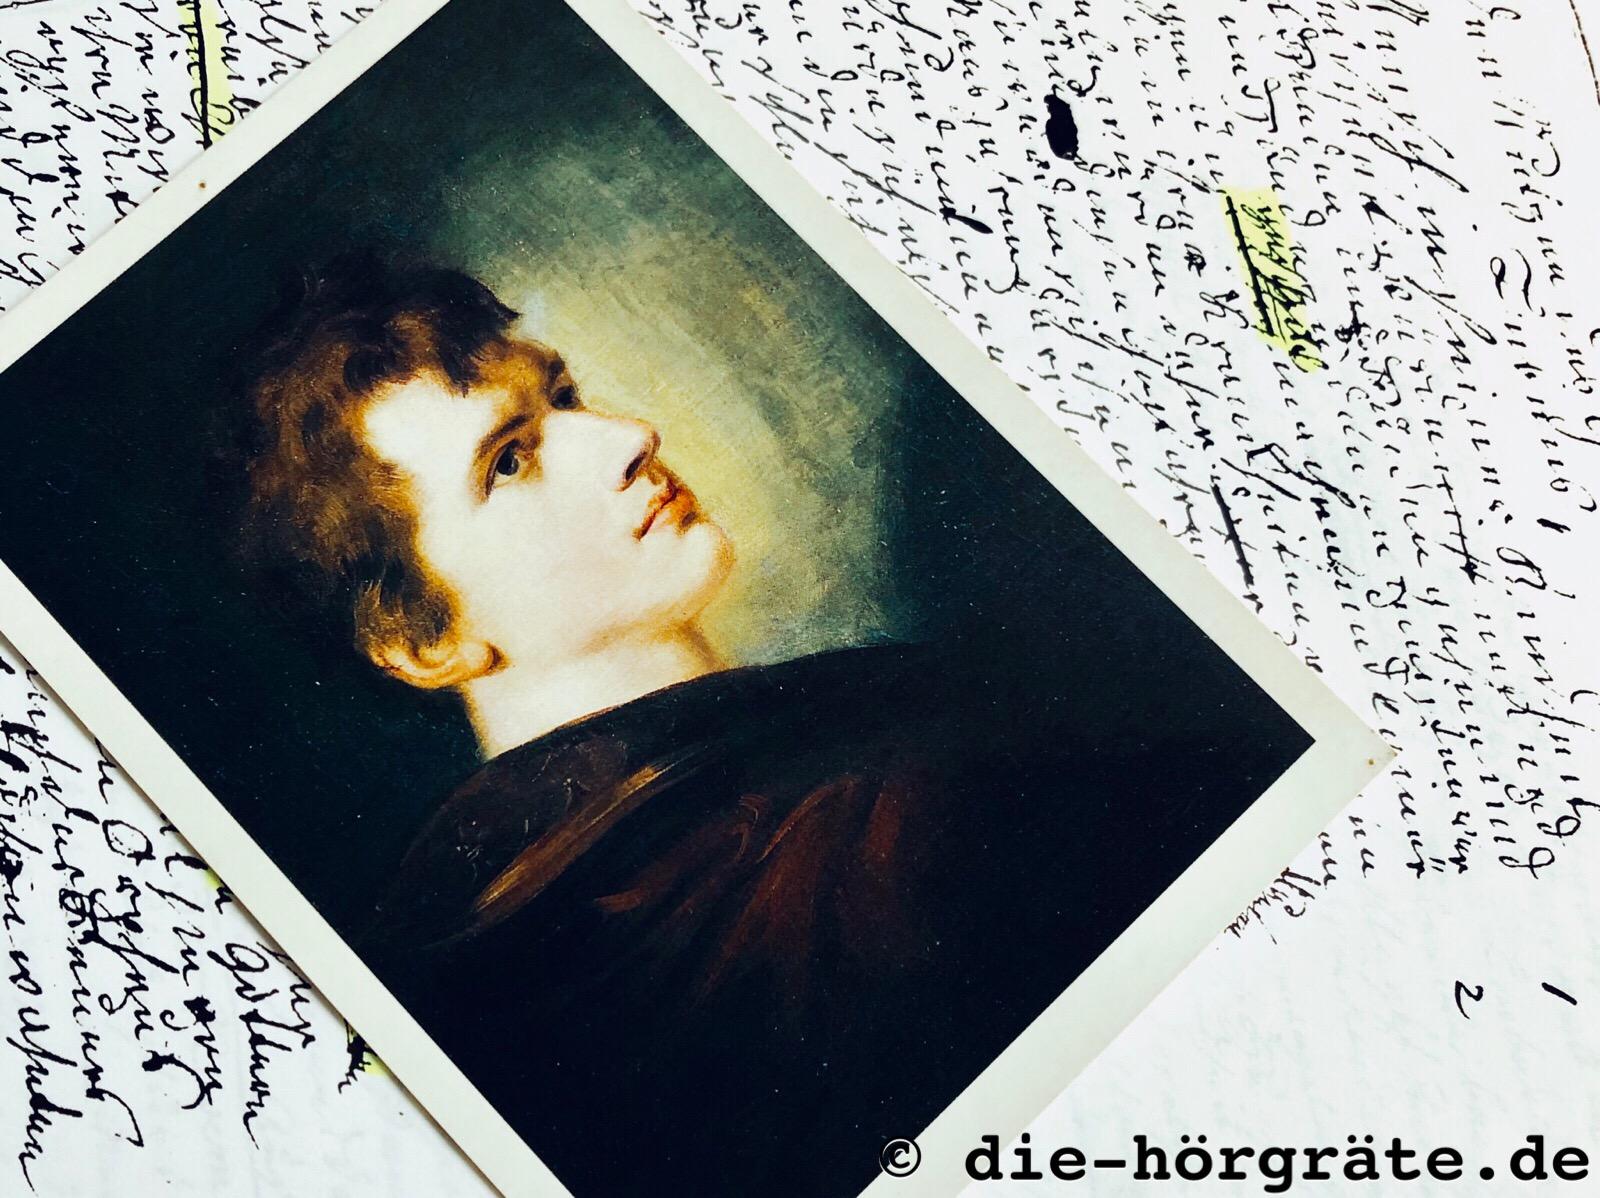 ein Fotos des Dichters Ludwig Achim von Arnim und die Kopie eines Aufsatzes, den er mit zehn Jahren geschrieben hat; das Portrait ist ein Gemälde, das ihn als jungen Mann zeigt, mit sehr hellem Gesicht und gewelltem braunen Haar